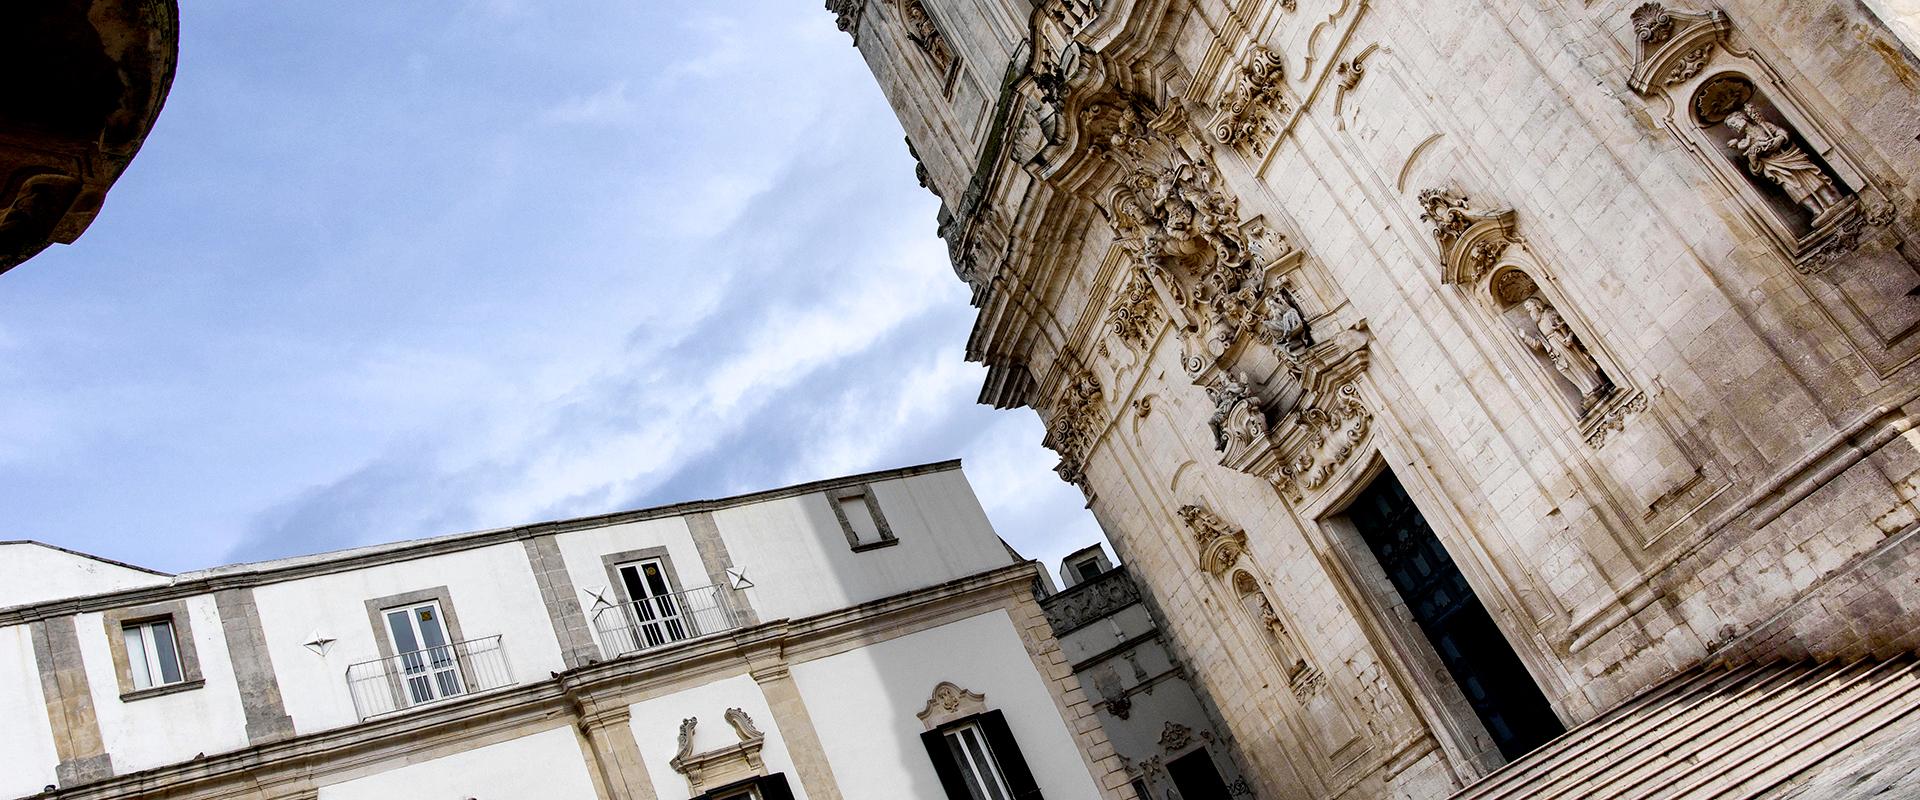 Visite guidate nei centri storici di Puglia